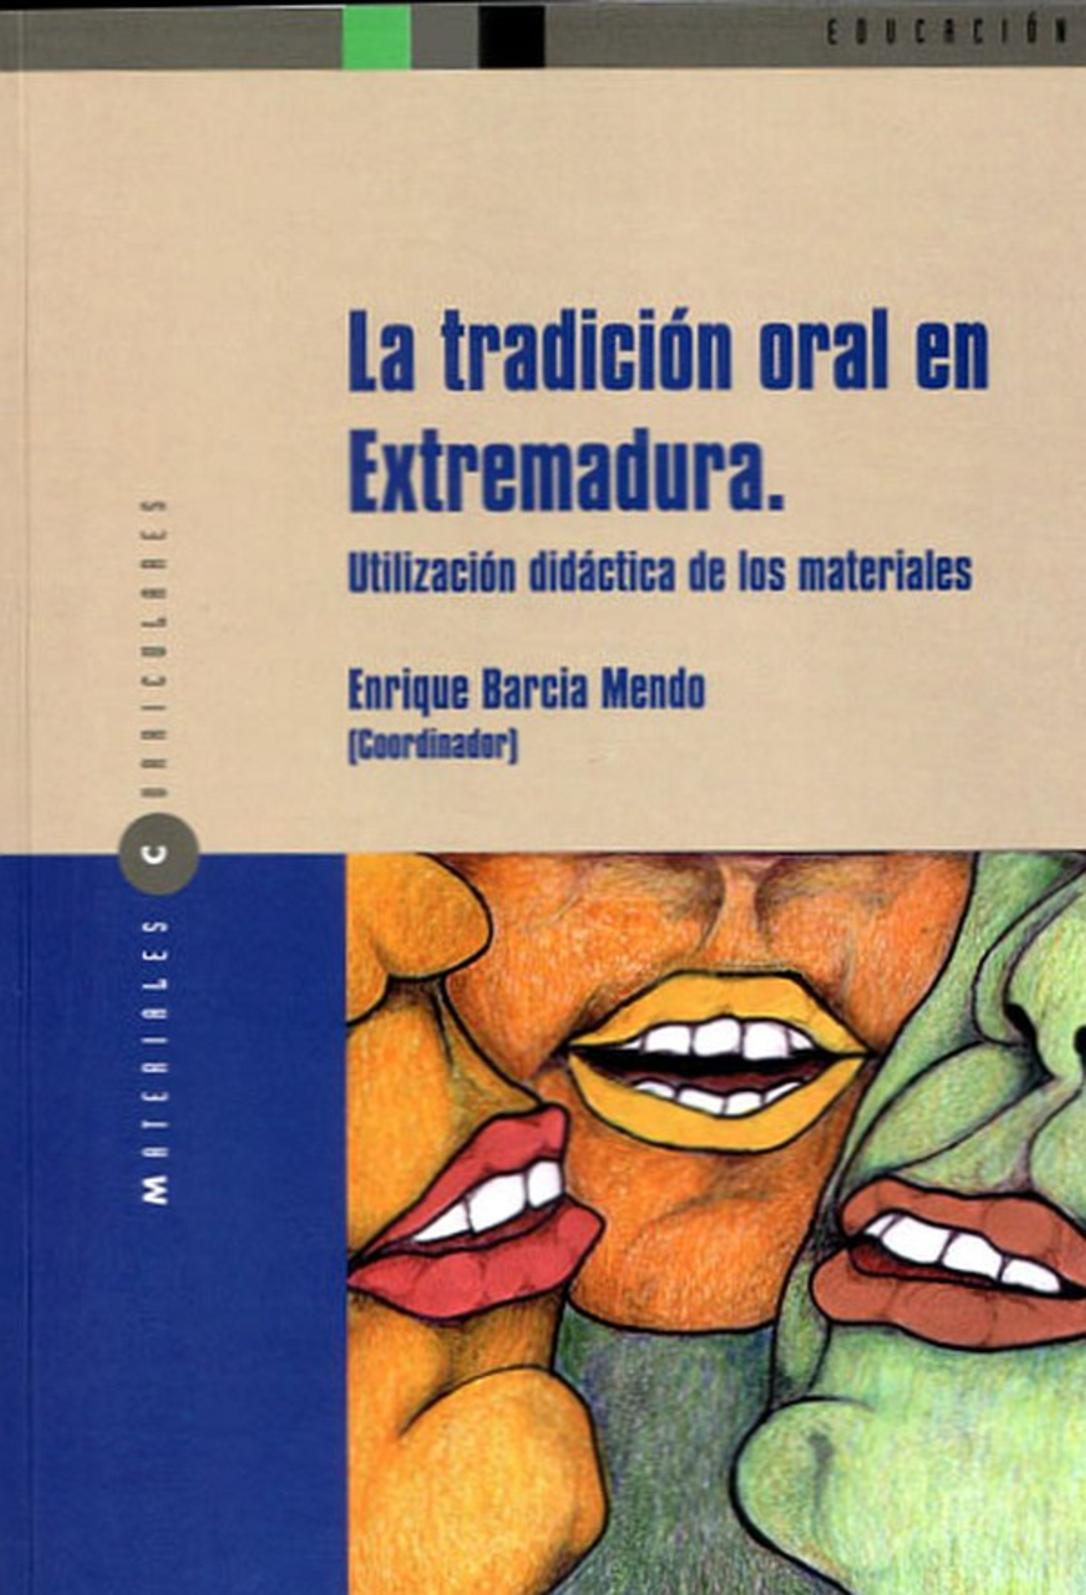 Alicantina Deseosa De Rabo Porno Xxx calaméo - la tradición oral en extremadura por enrique